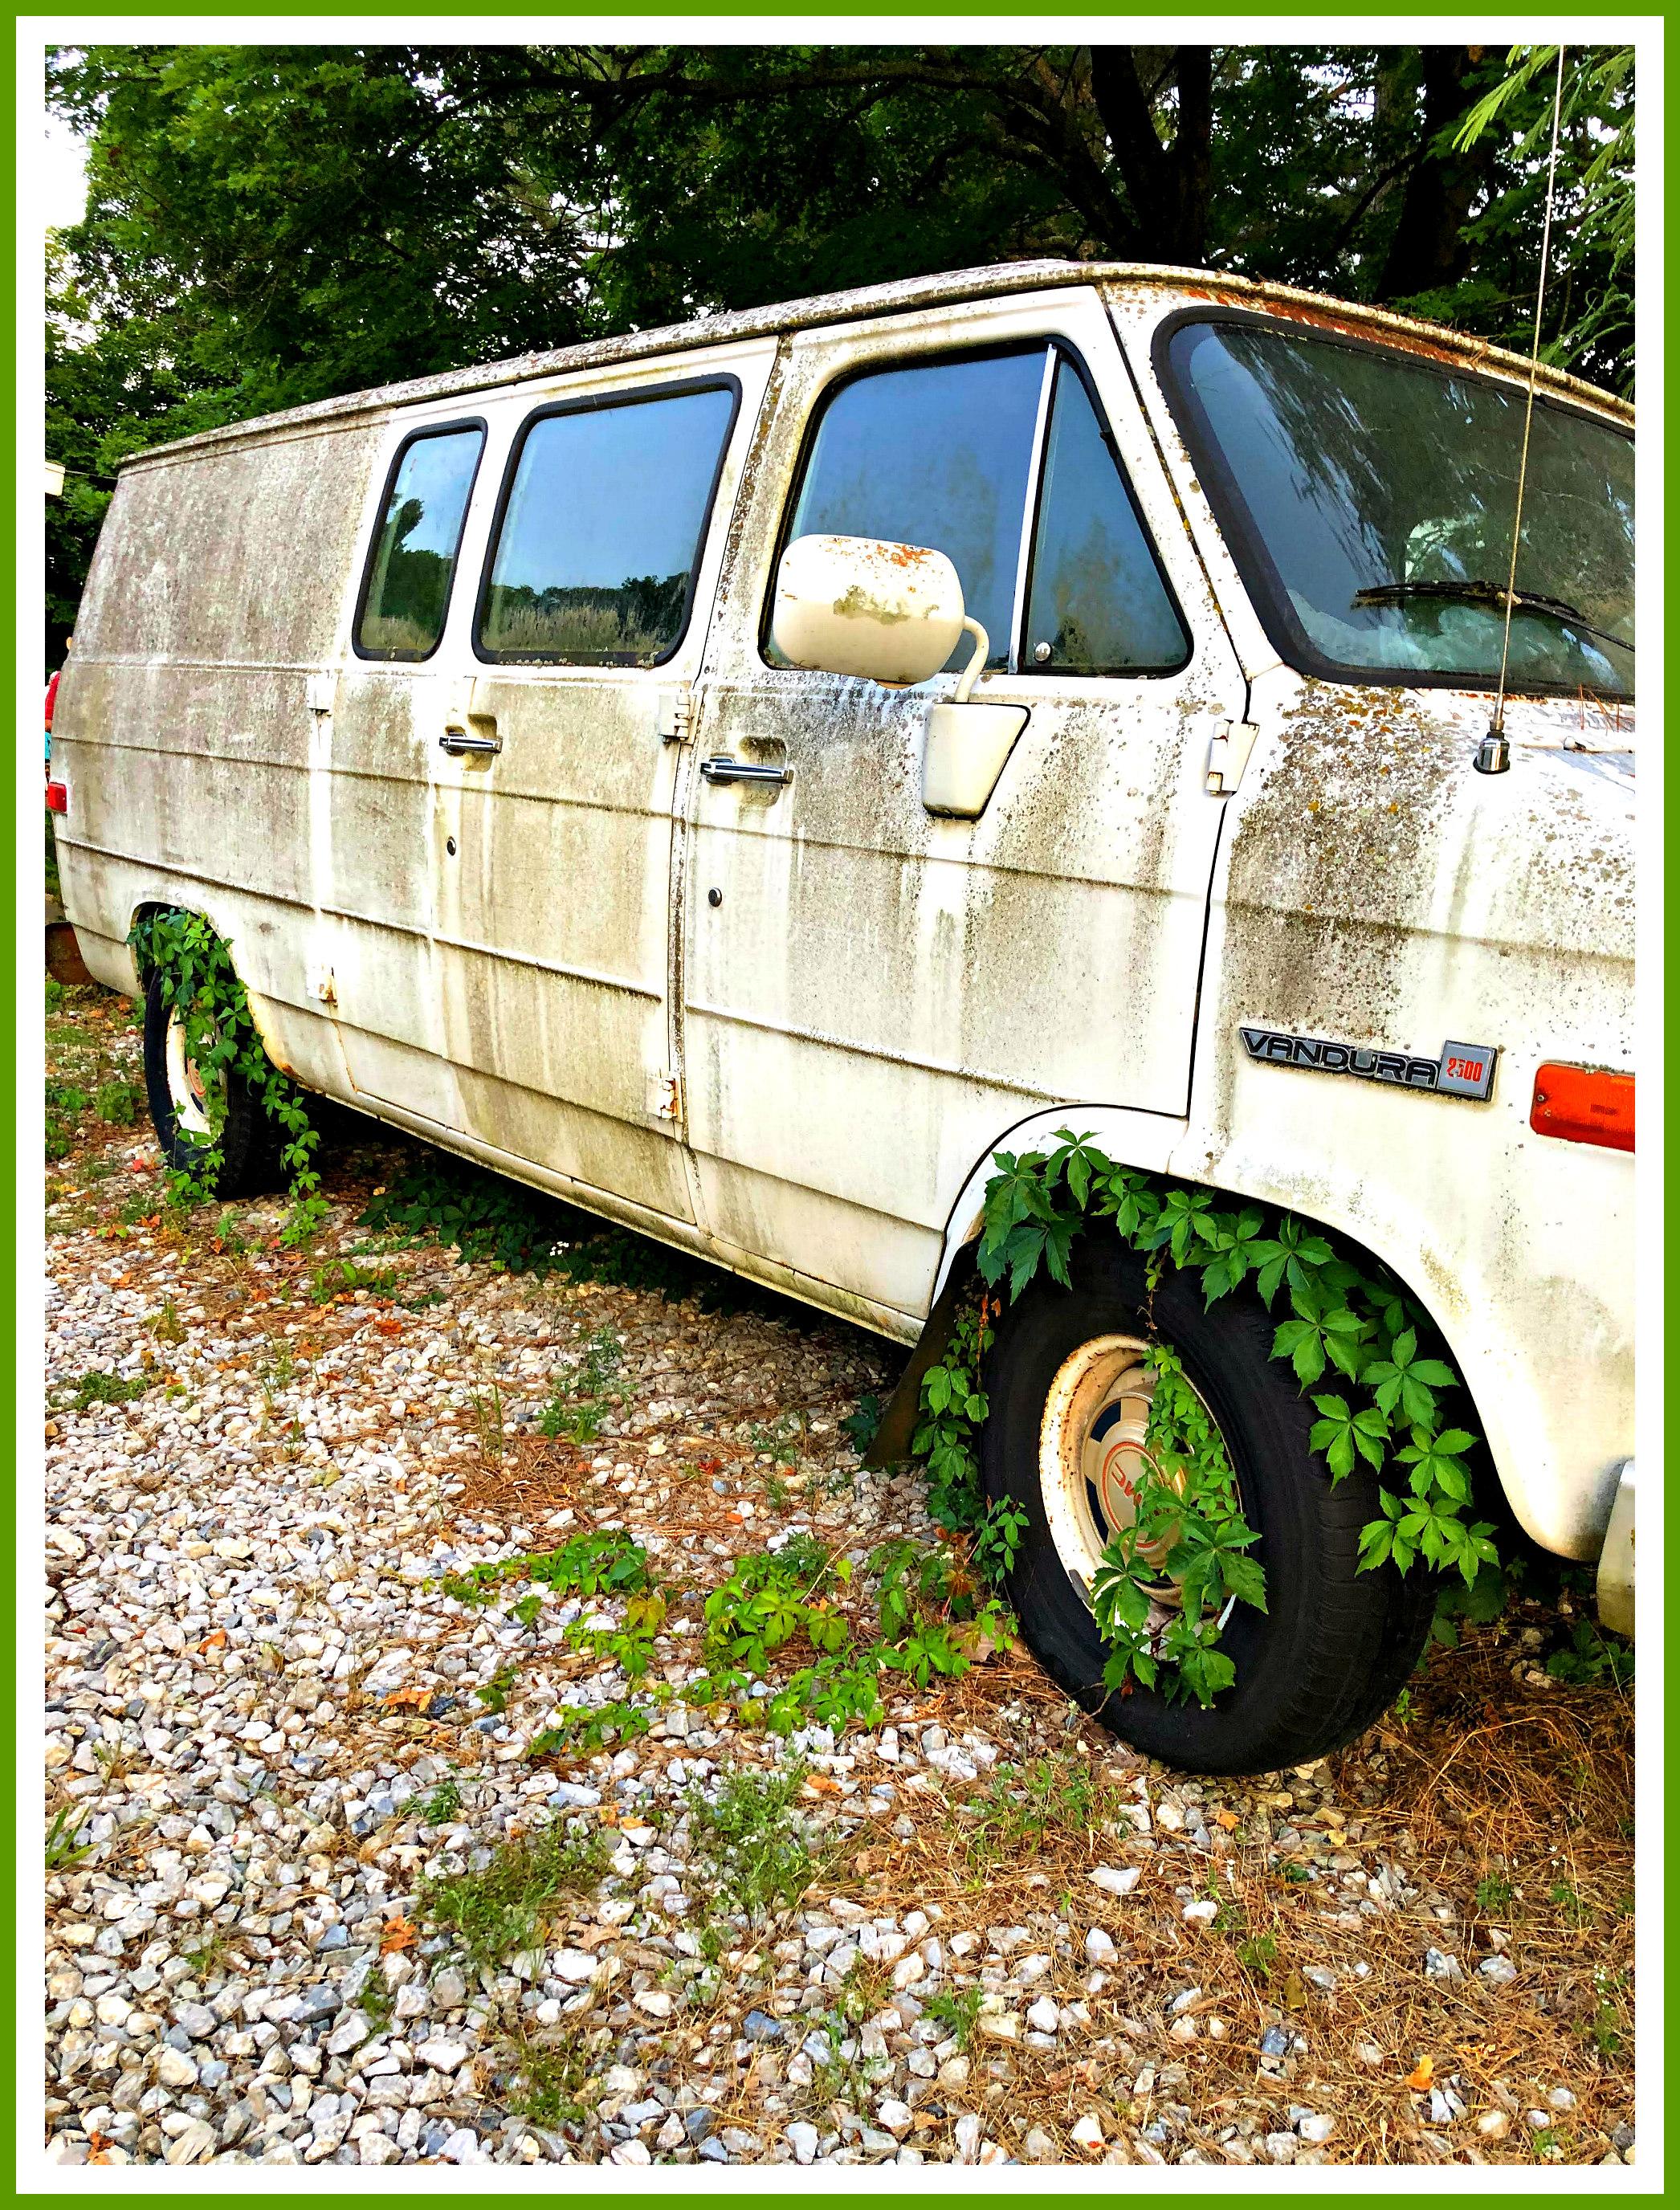 russell-van